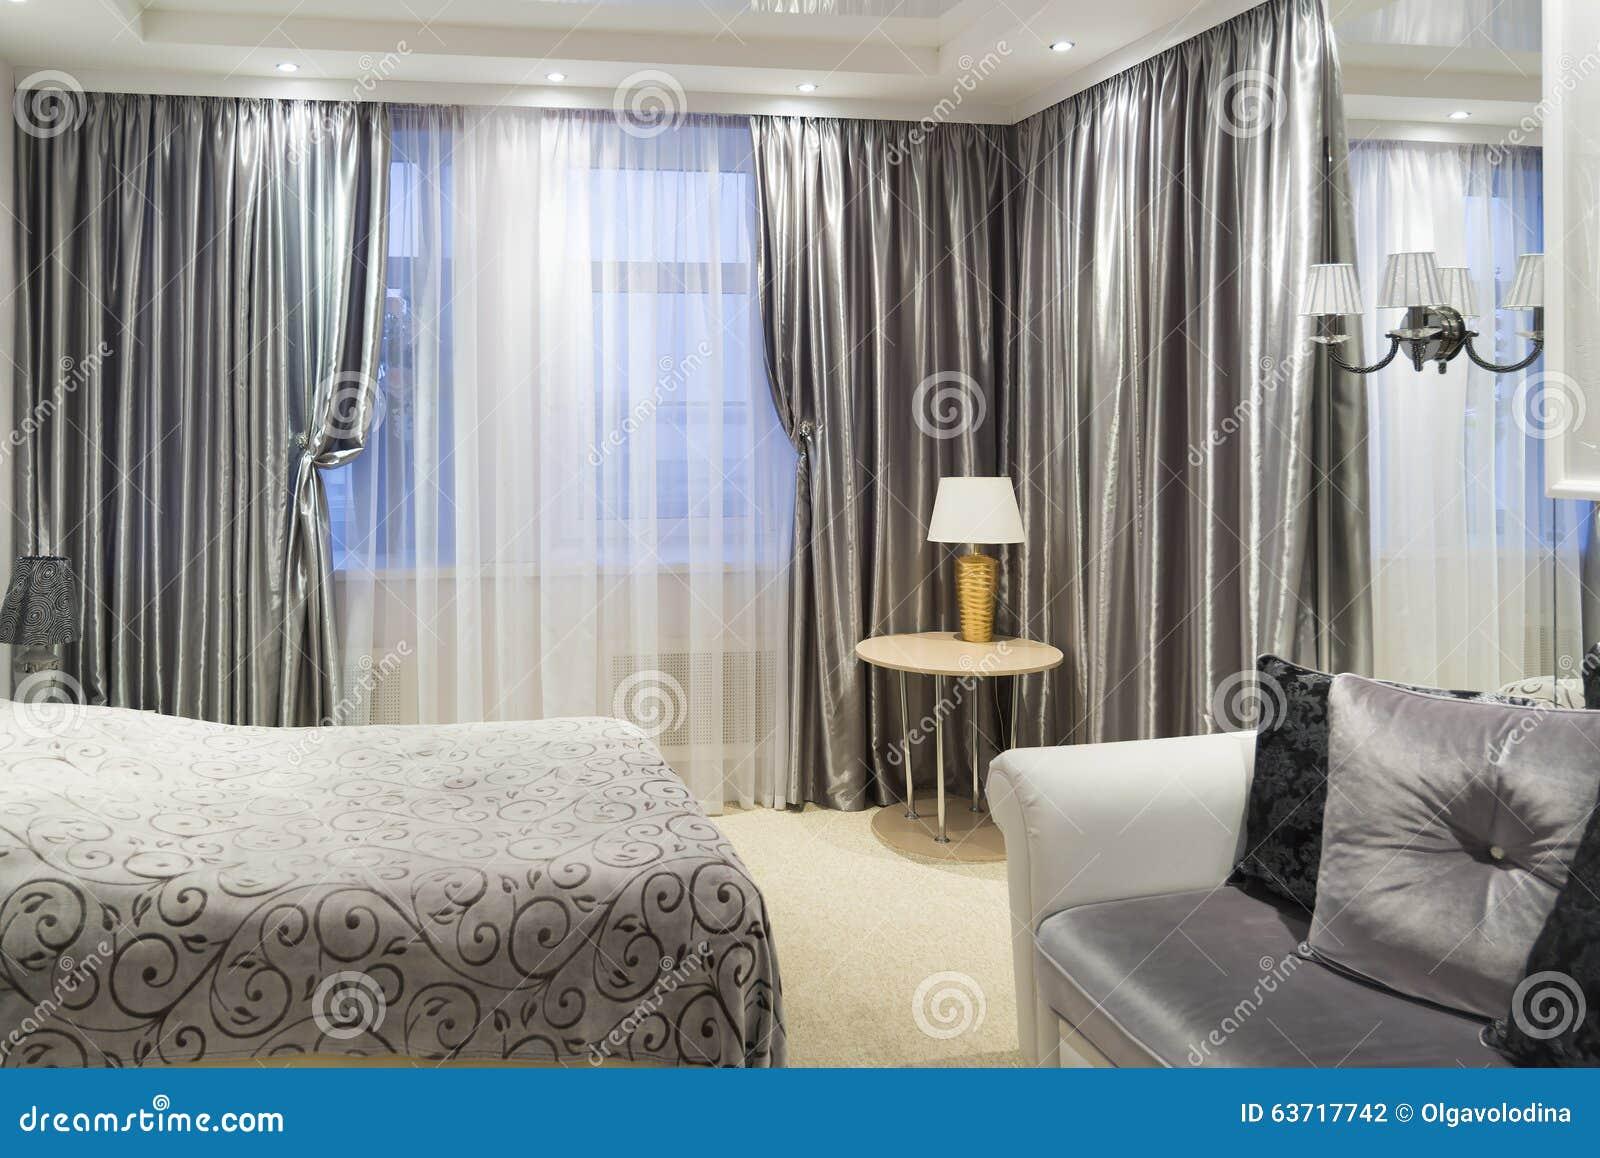 Detalj av ett sovrum med säng arkivfoto   bild: 63717742